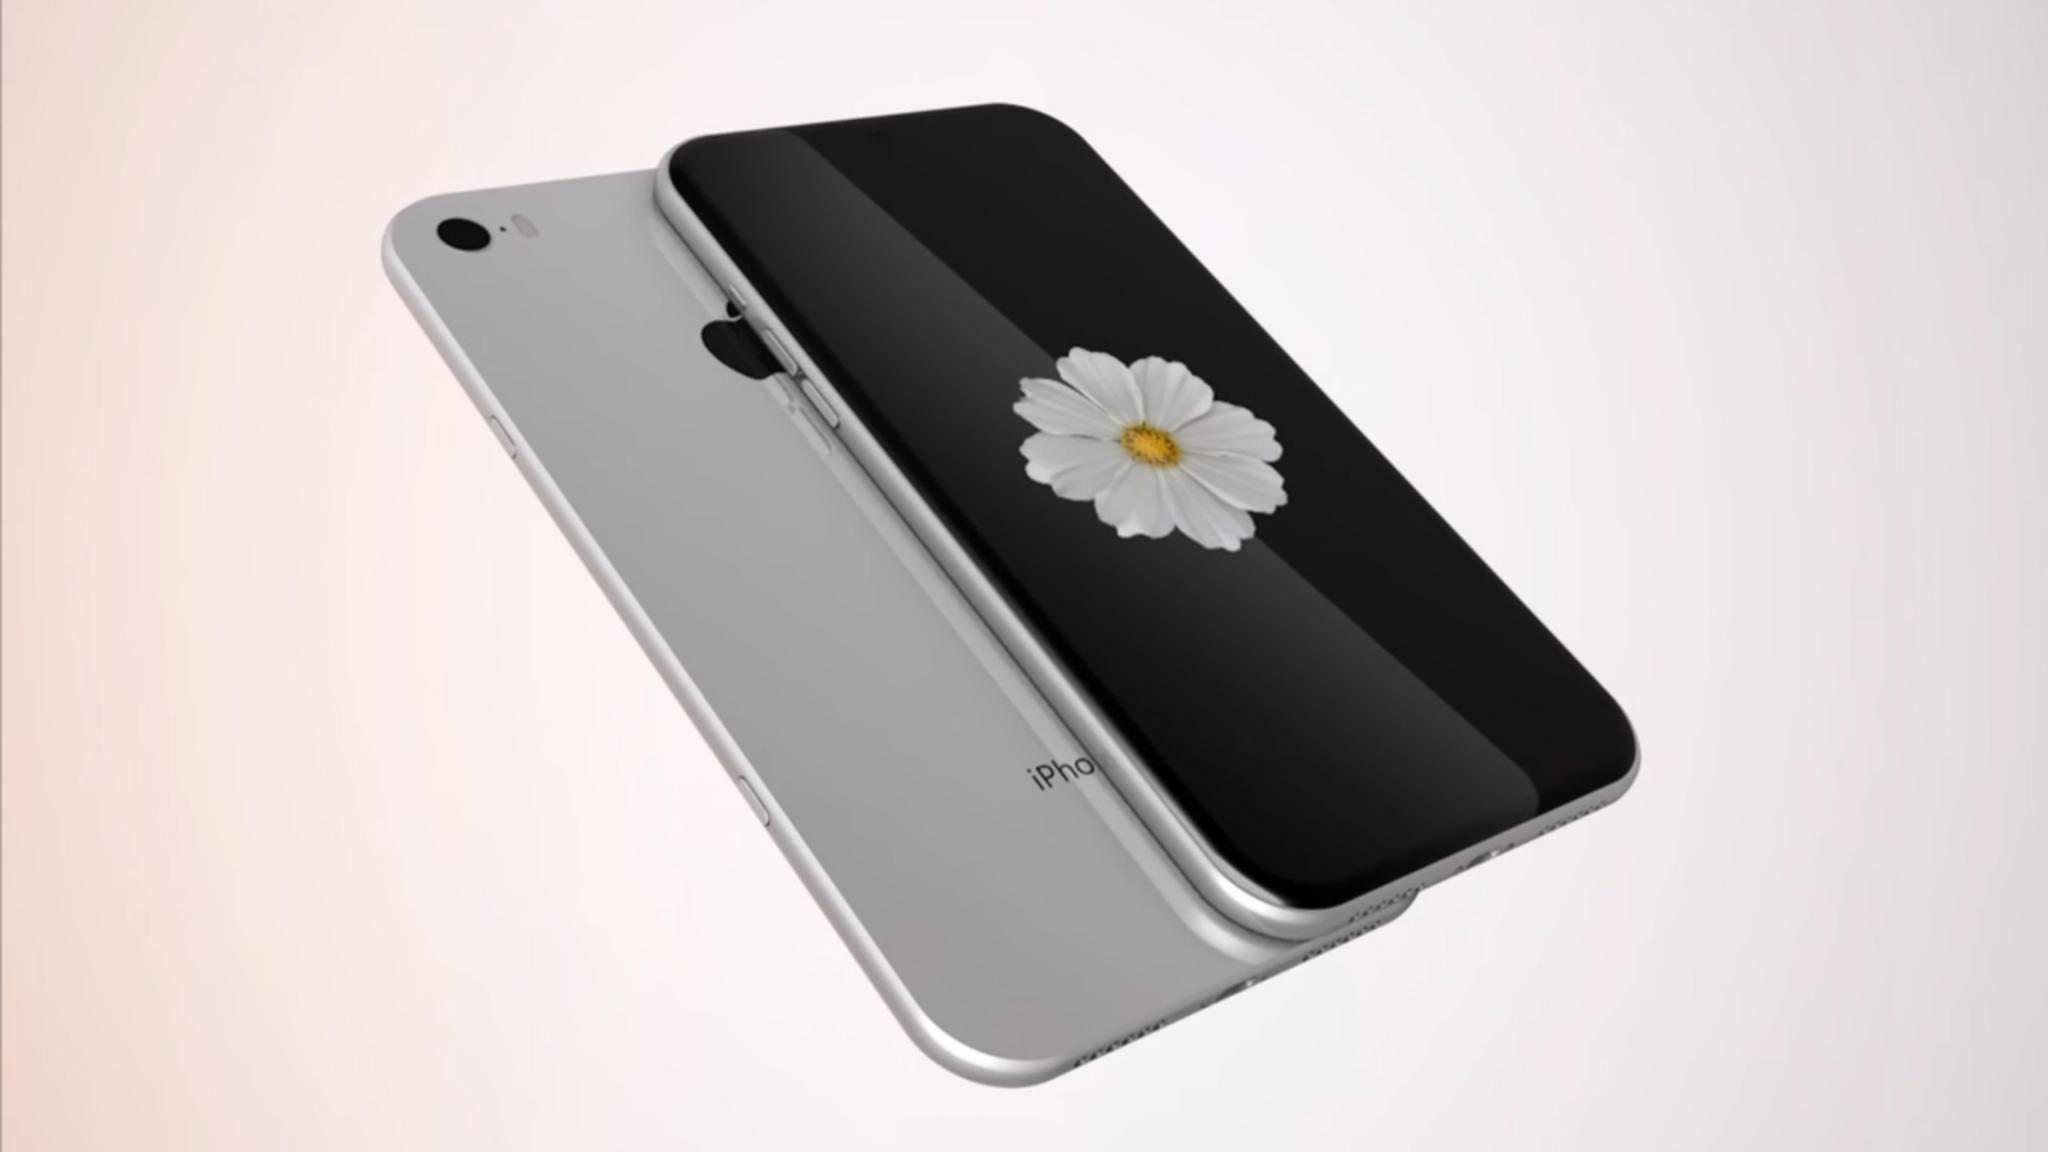 Das iPhone 8 soll einen OLED-Screen bekommen – allerdings nur eine Version.